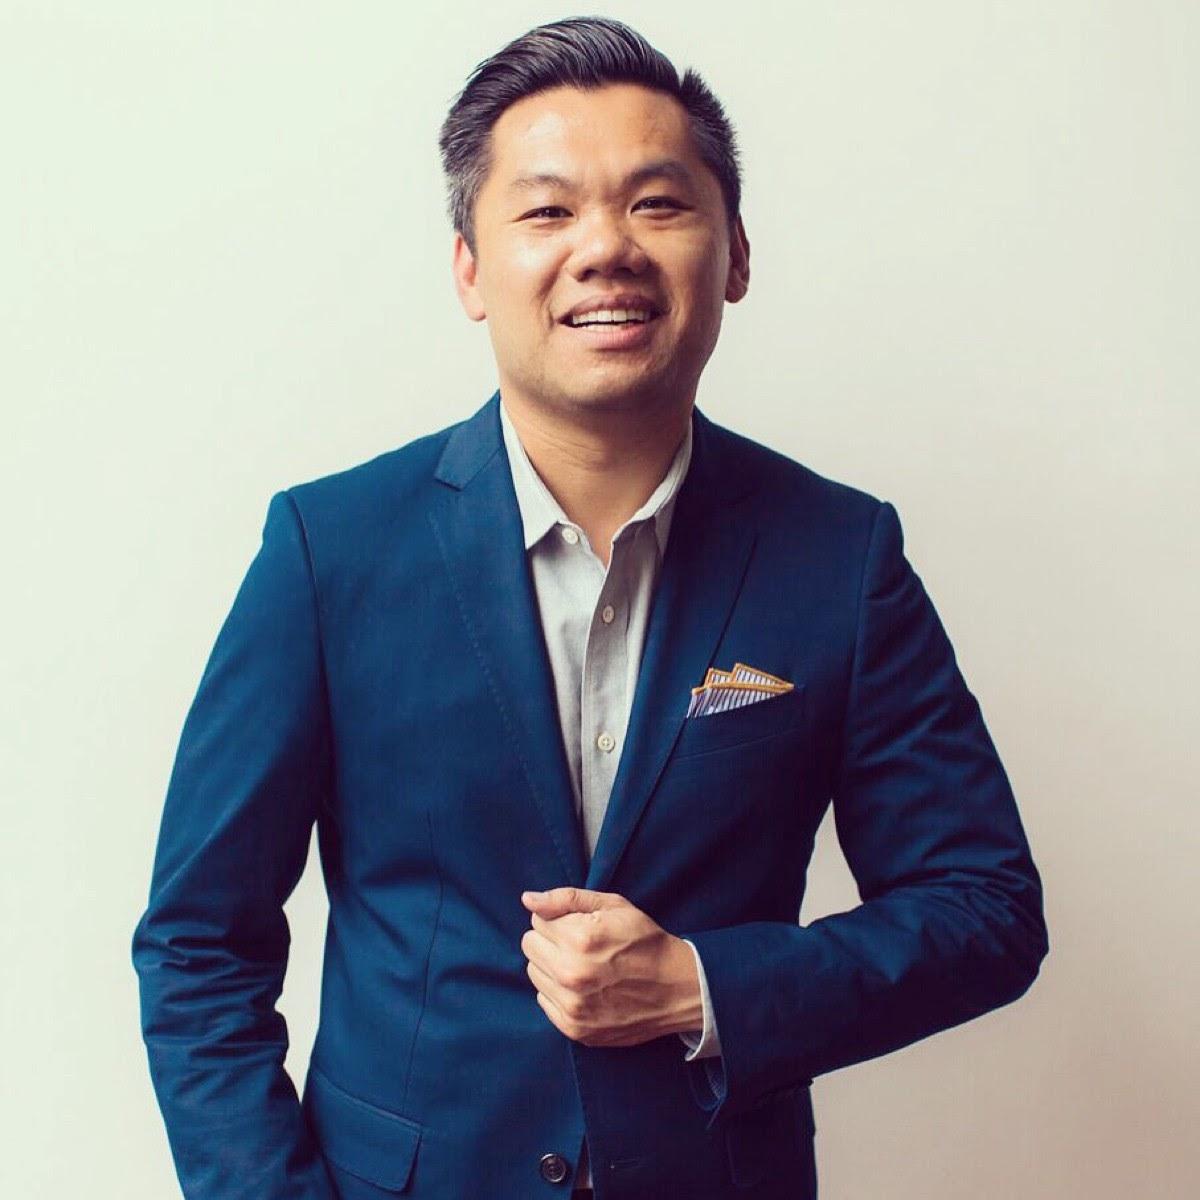 Entrepreneurship blogs#16: Andrew Chen's blog